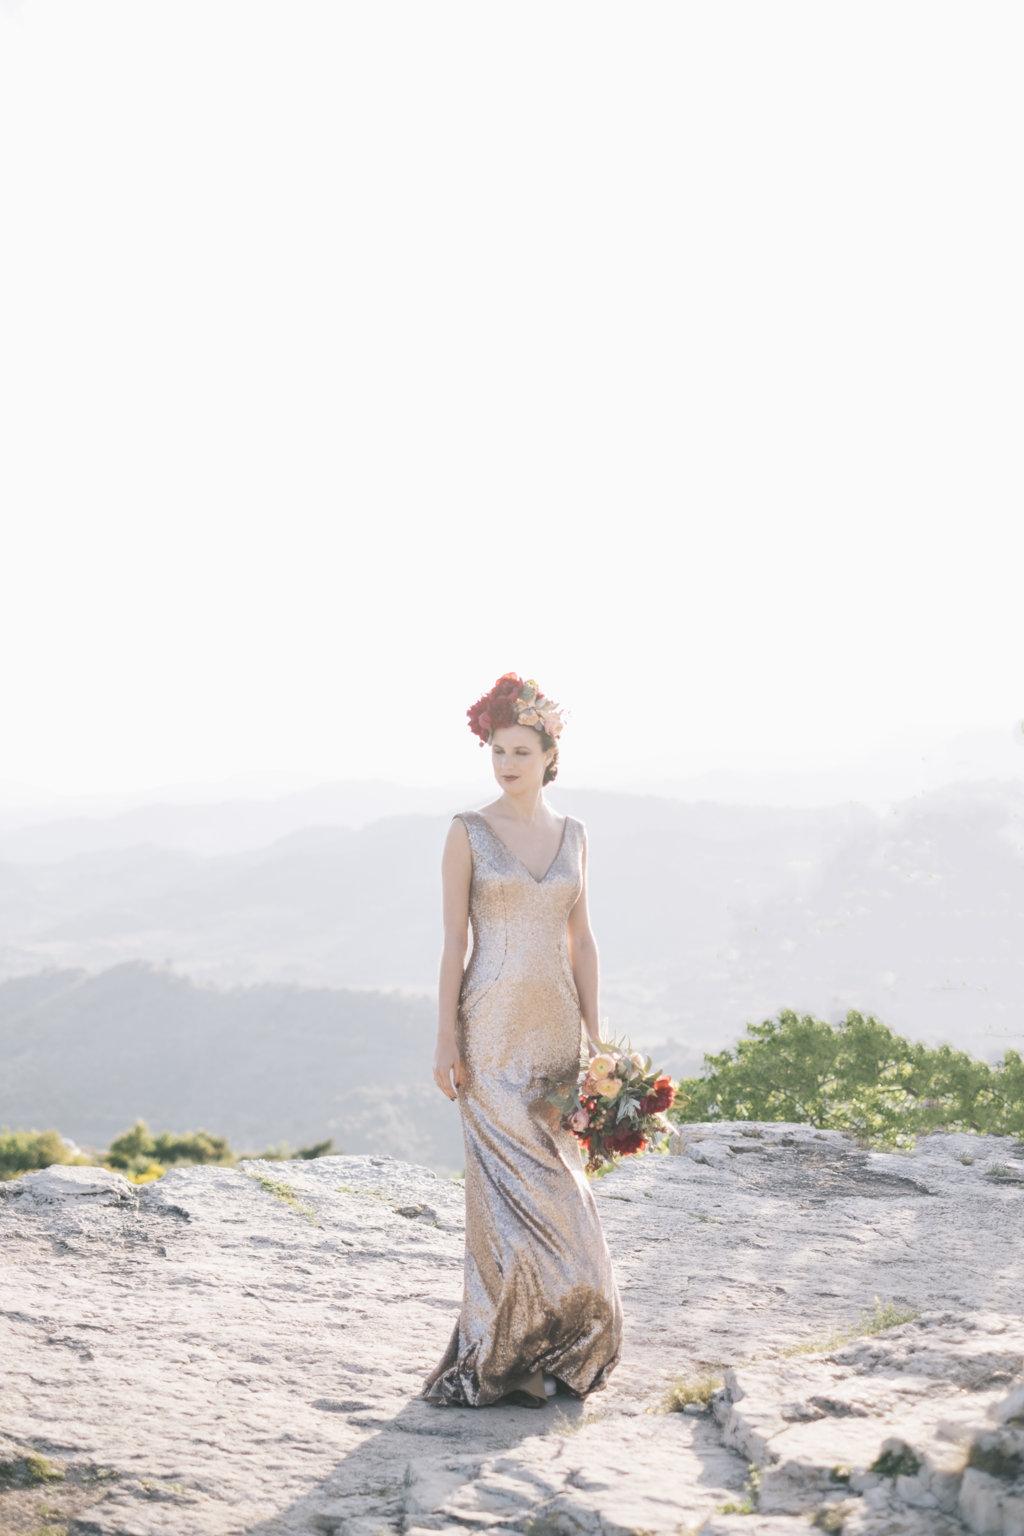 modelo corela vestido pronovias